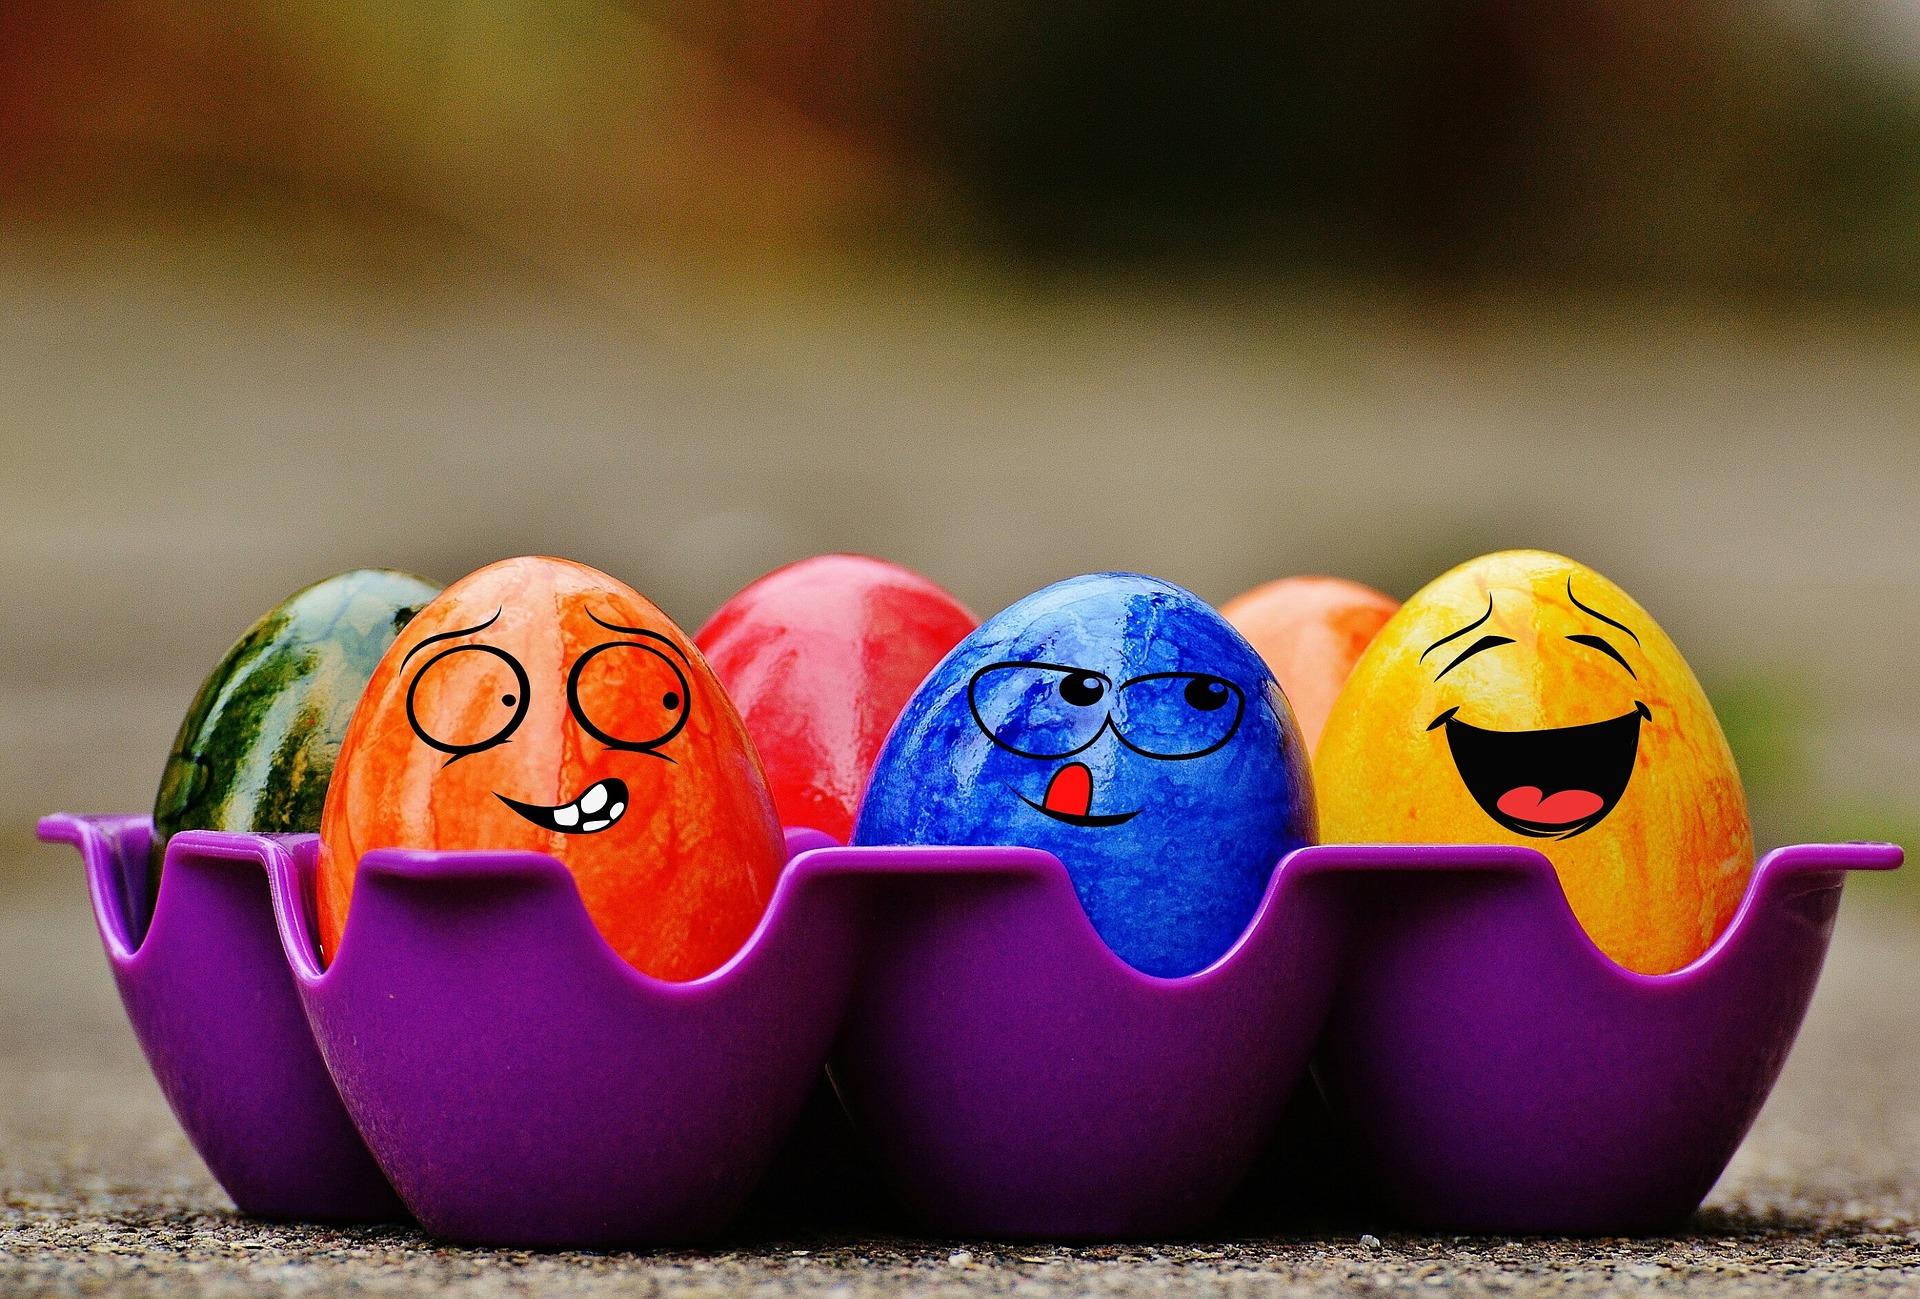 复活节彩蛋, 复活节, 鸡蛋, 颜色, 面孔 - 高清壁纸 - 教授-falken.com